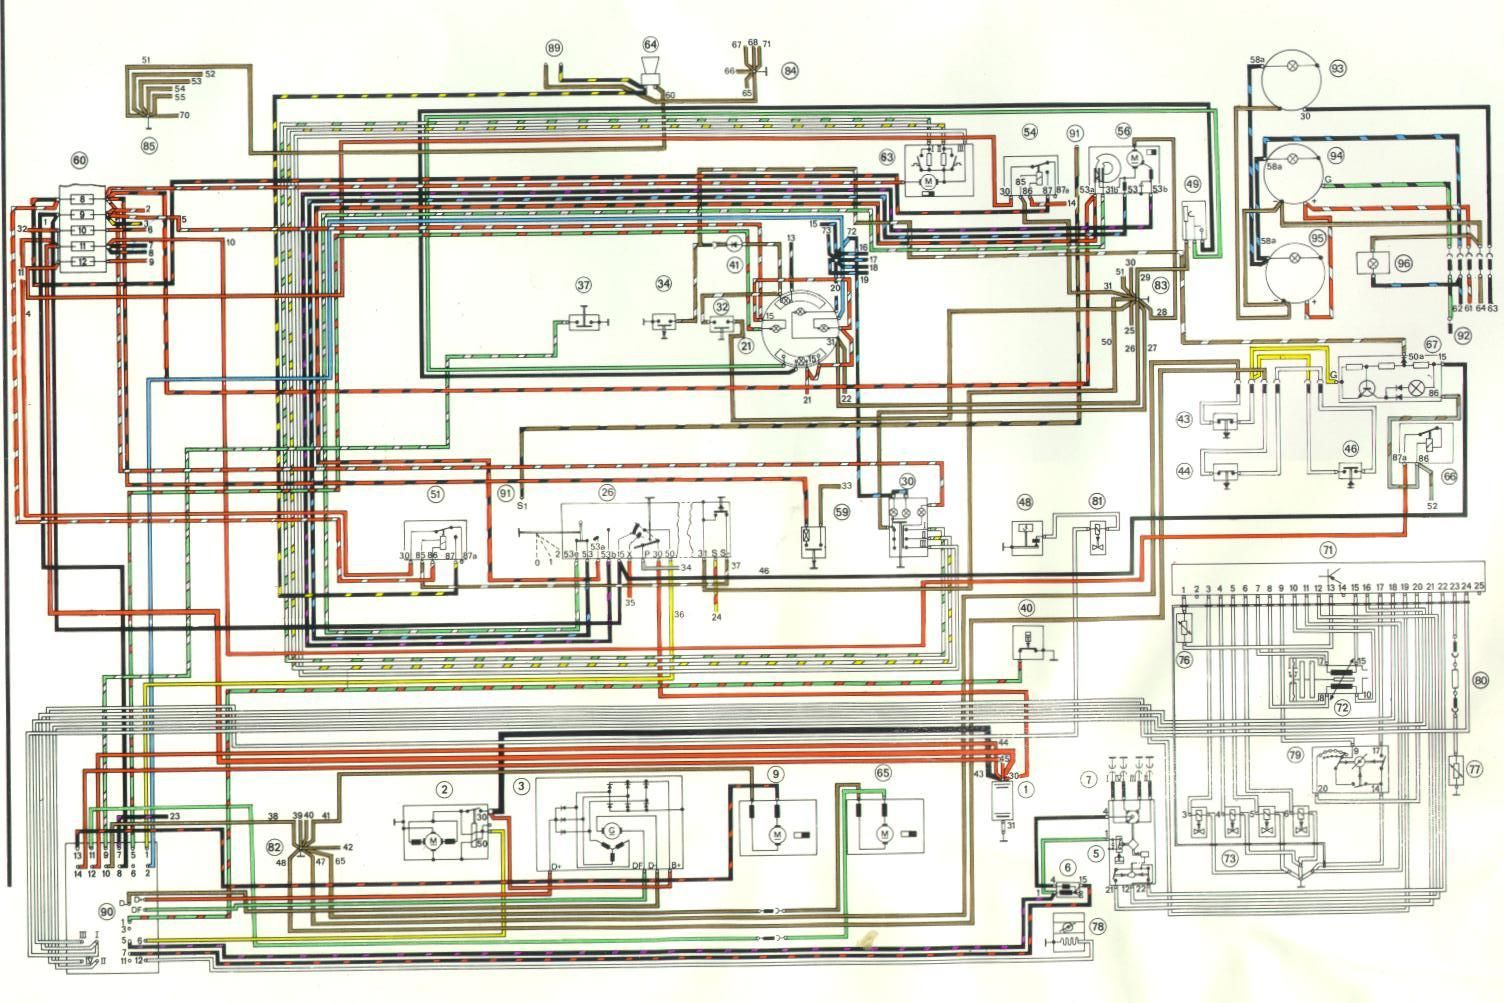 porsche 356 pre a wiring diagram tv 4749  diagram further 1975 porsche 914 color wiring diagram on  porsche 914 color wiring diagram